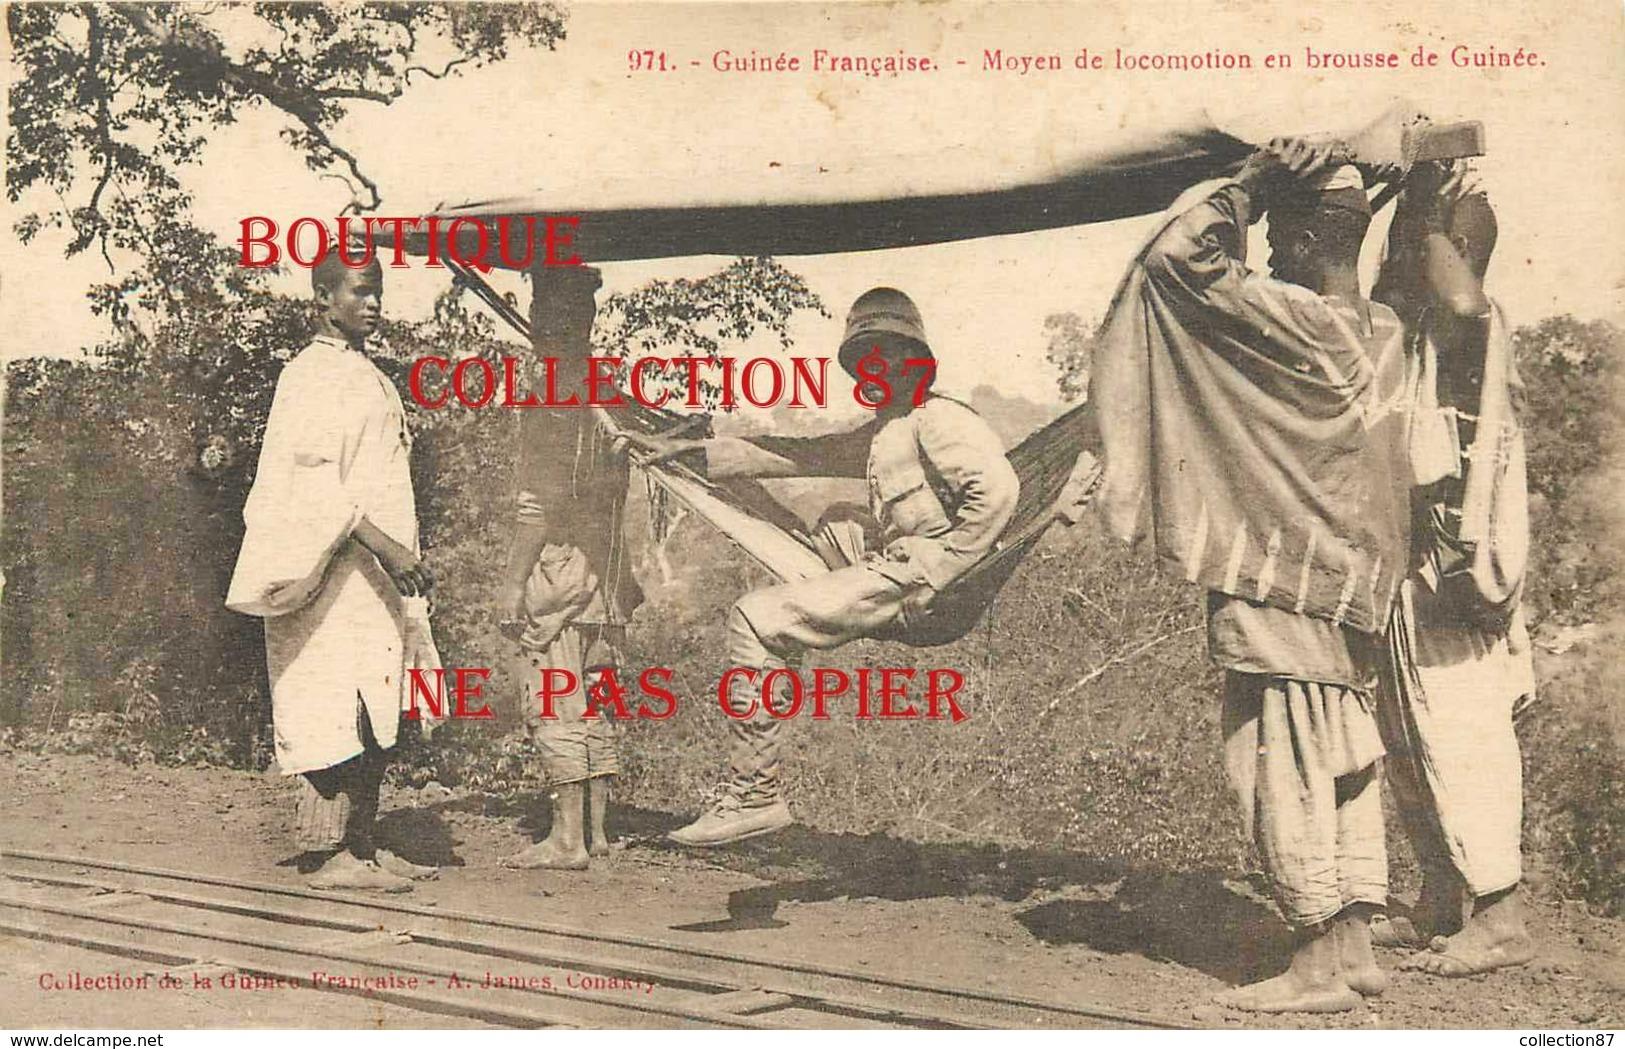 ☺♦♦ GUINEE - TRANSPORT < MOYEN De LOCOMOTION En BROUSSE - HAMAC < N° 971 Edition A. James - French Guinea